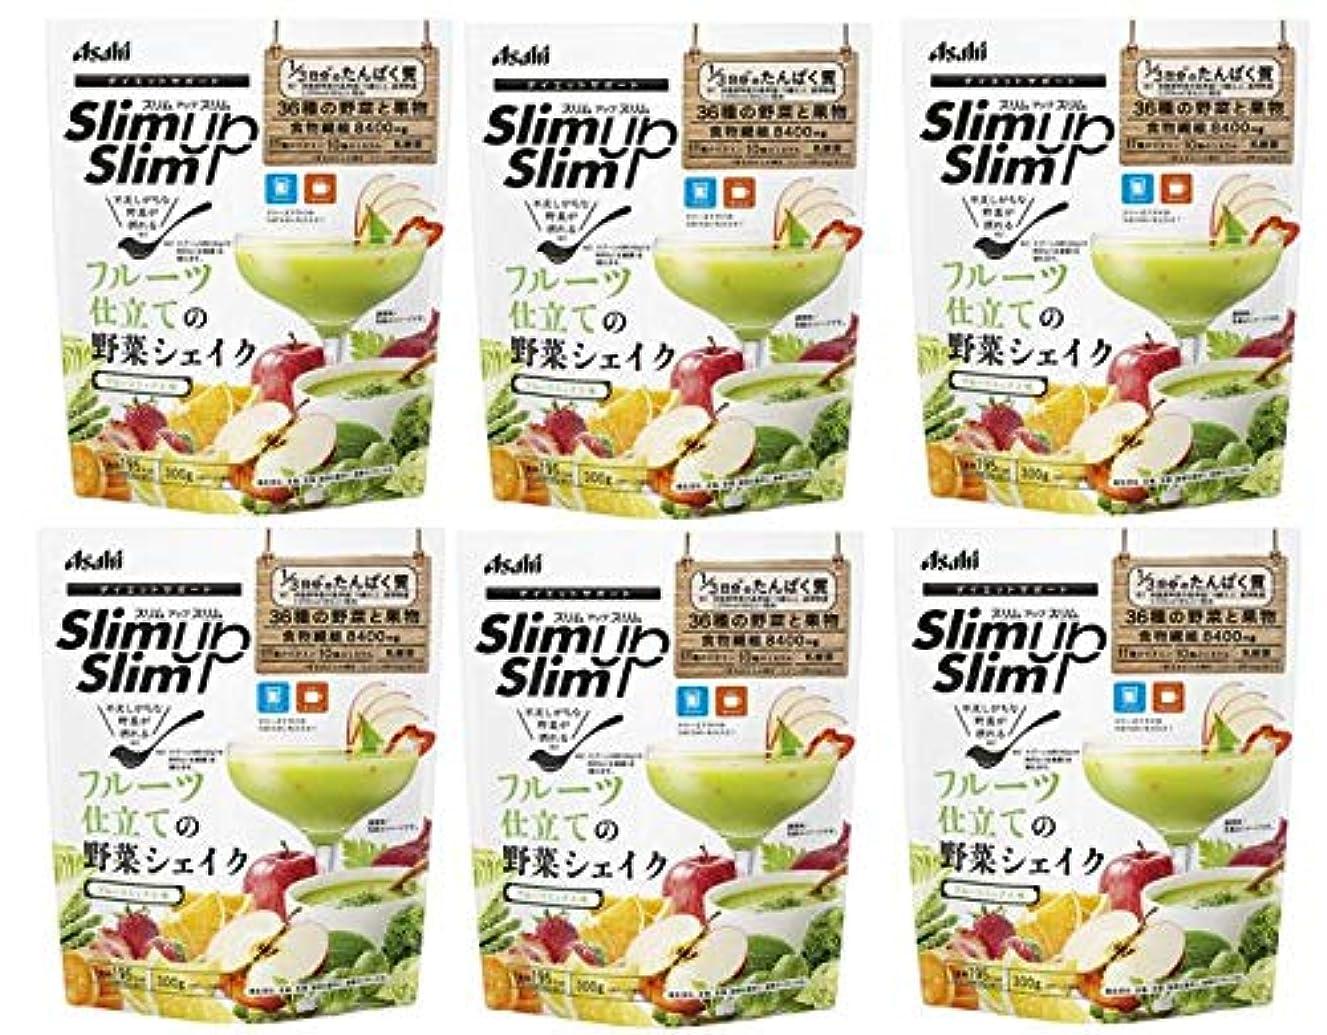 確立します掃く友だちアサヒグループ食品 スリムアップスリム フルーツ仕立ての野菜シェイク 300g X6個セット